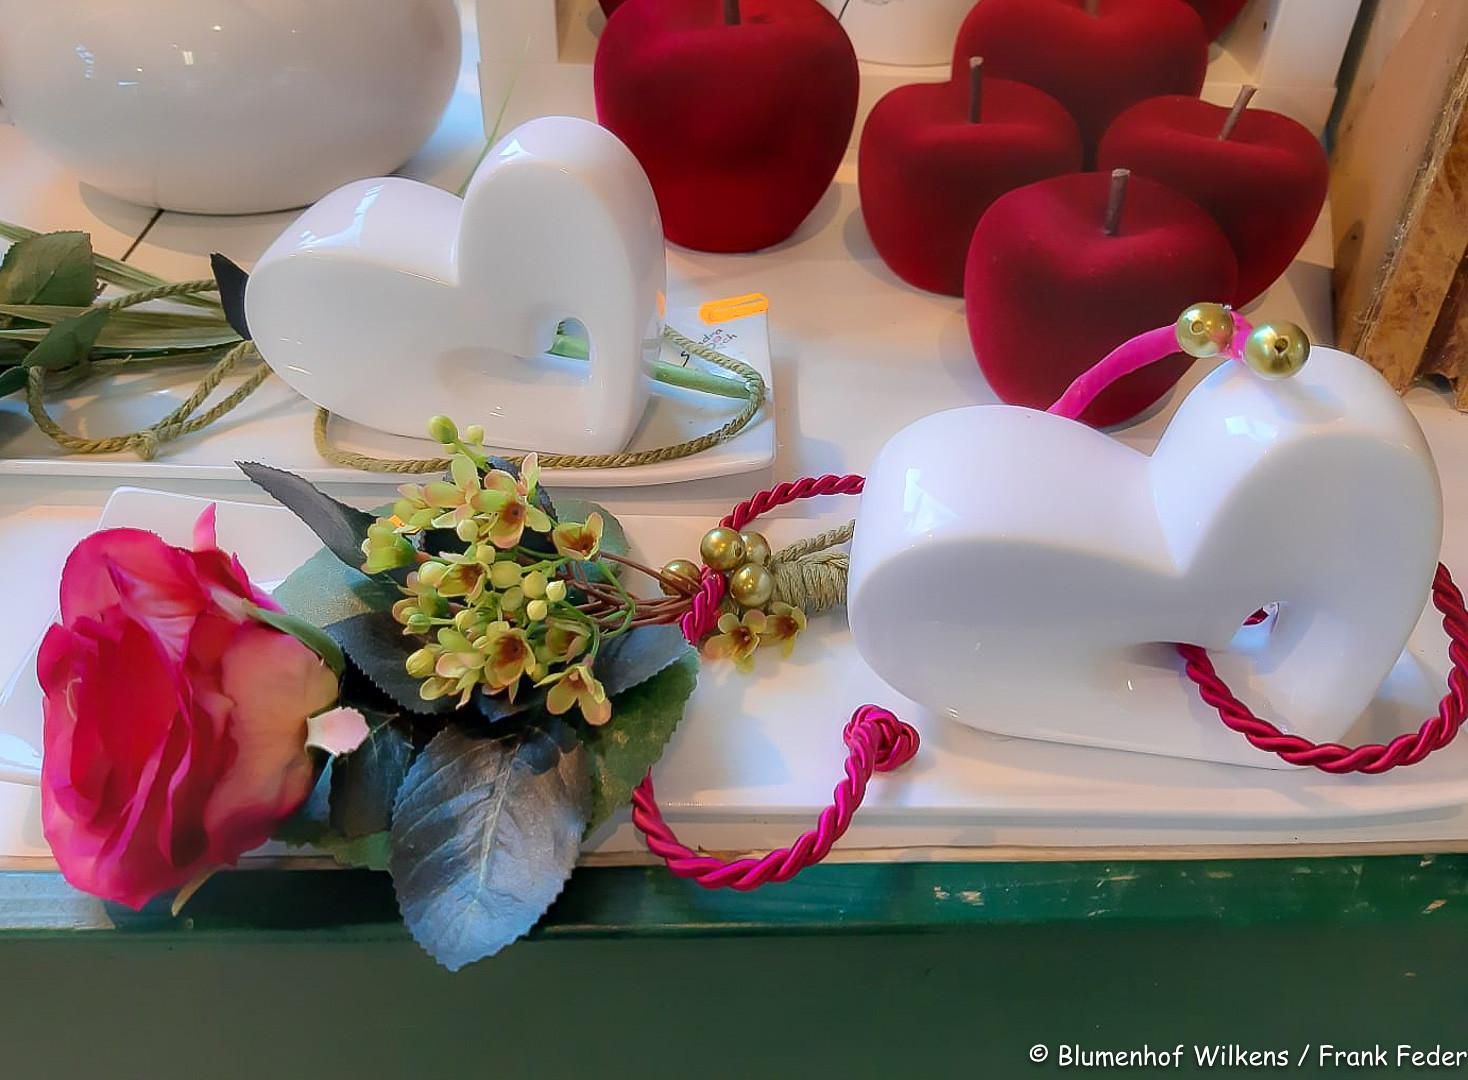 01  Blumenhof Wilkens Valentienstag 2020 02 07 0025